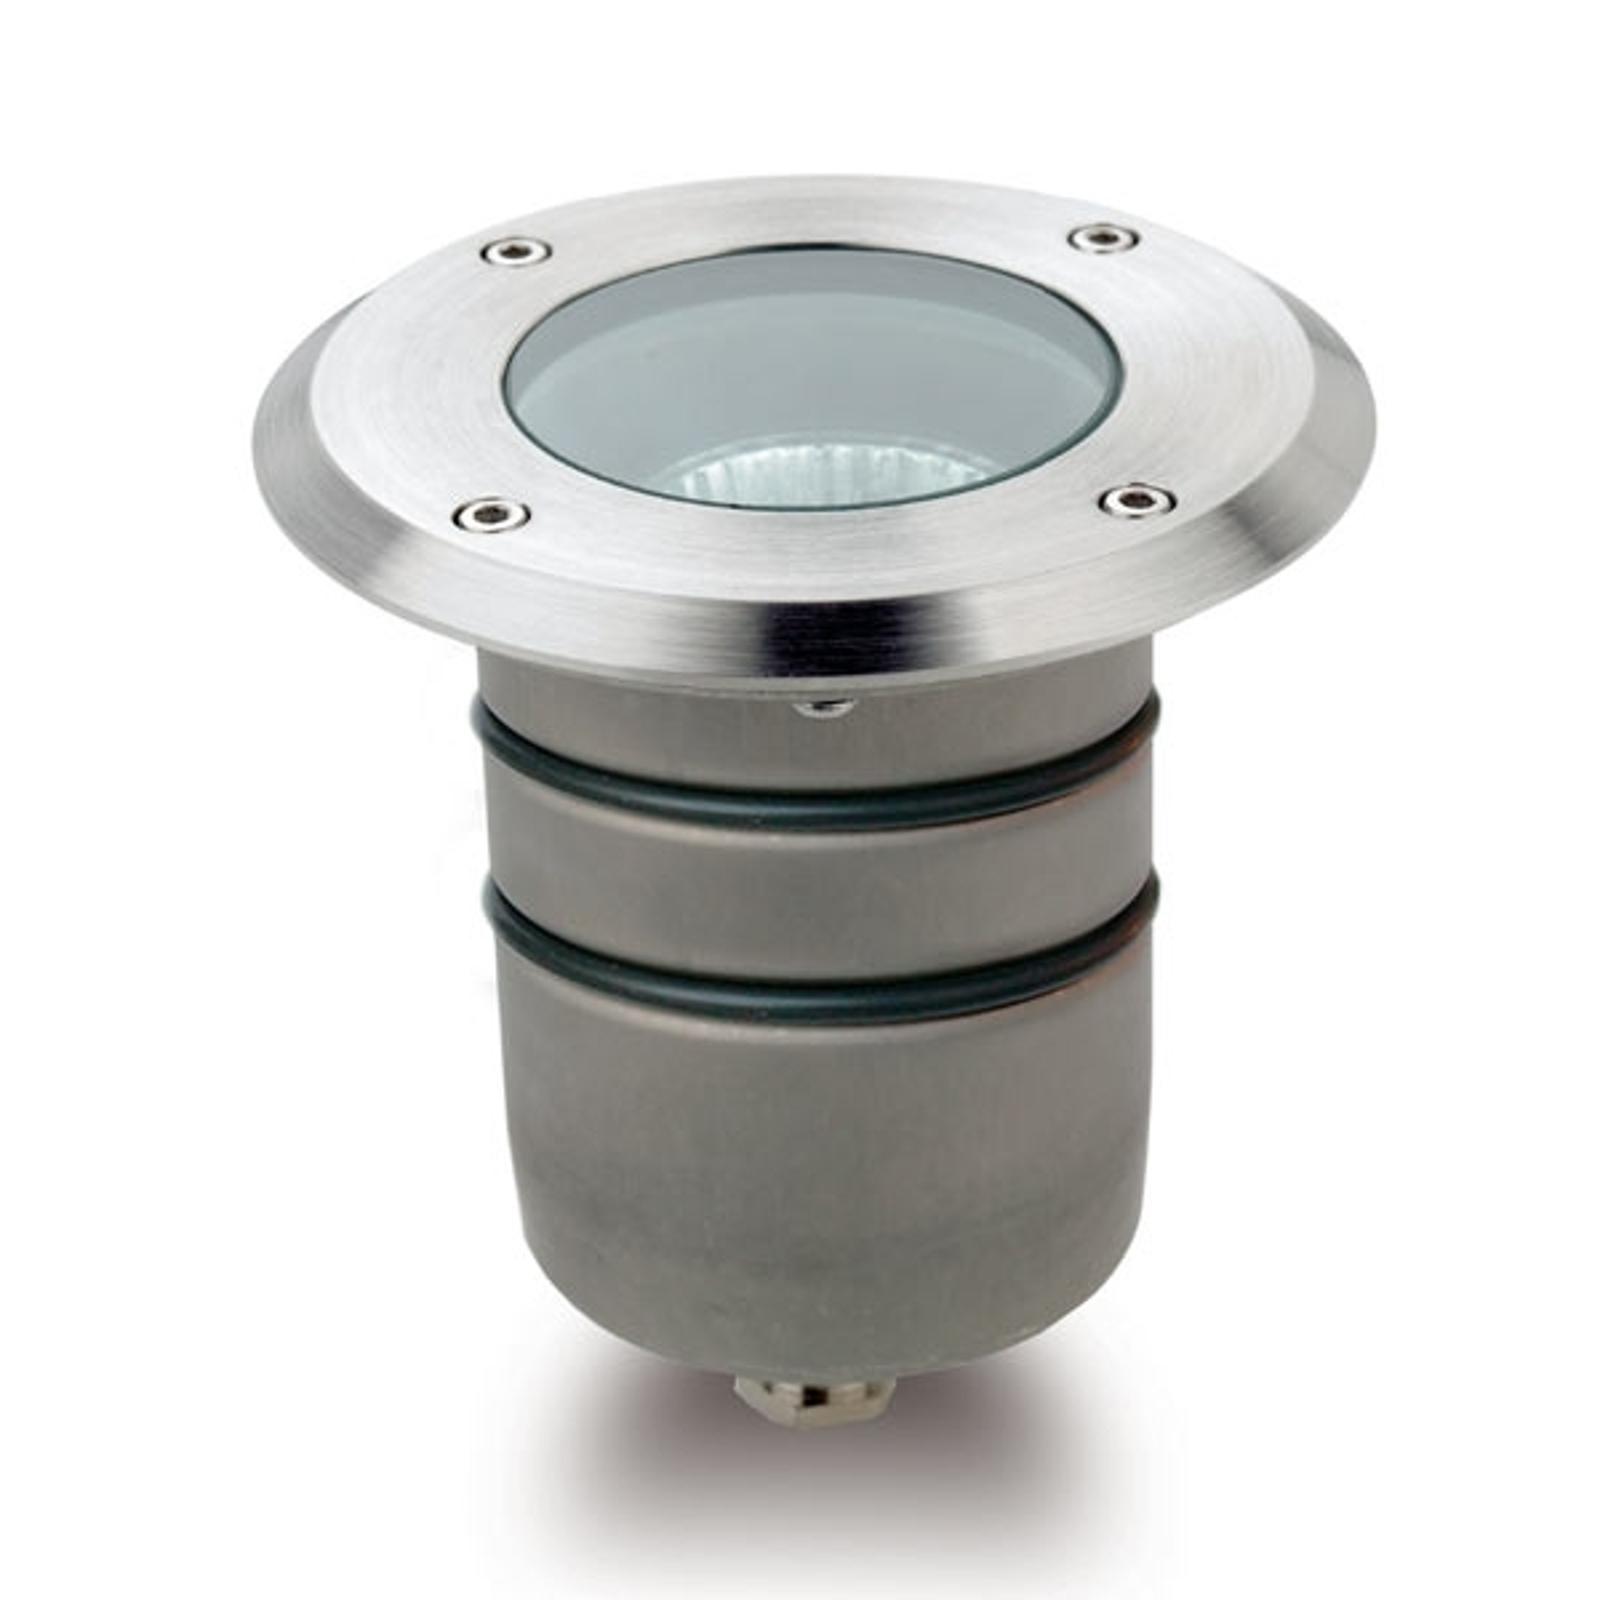 Lámpara empotrada resistente al agua AQUA